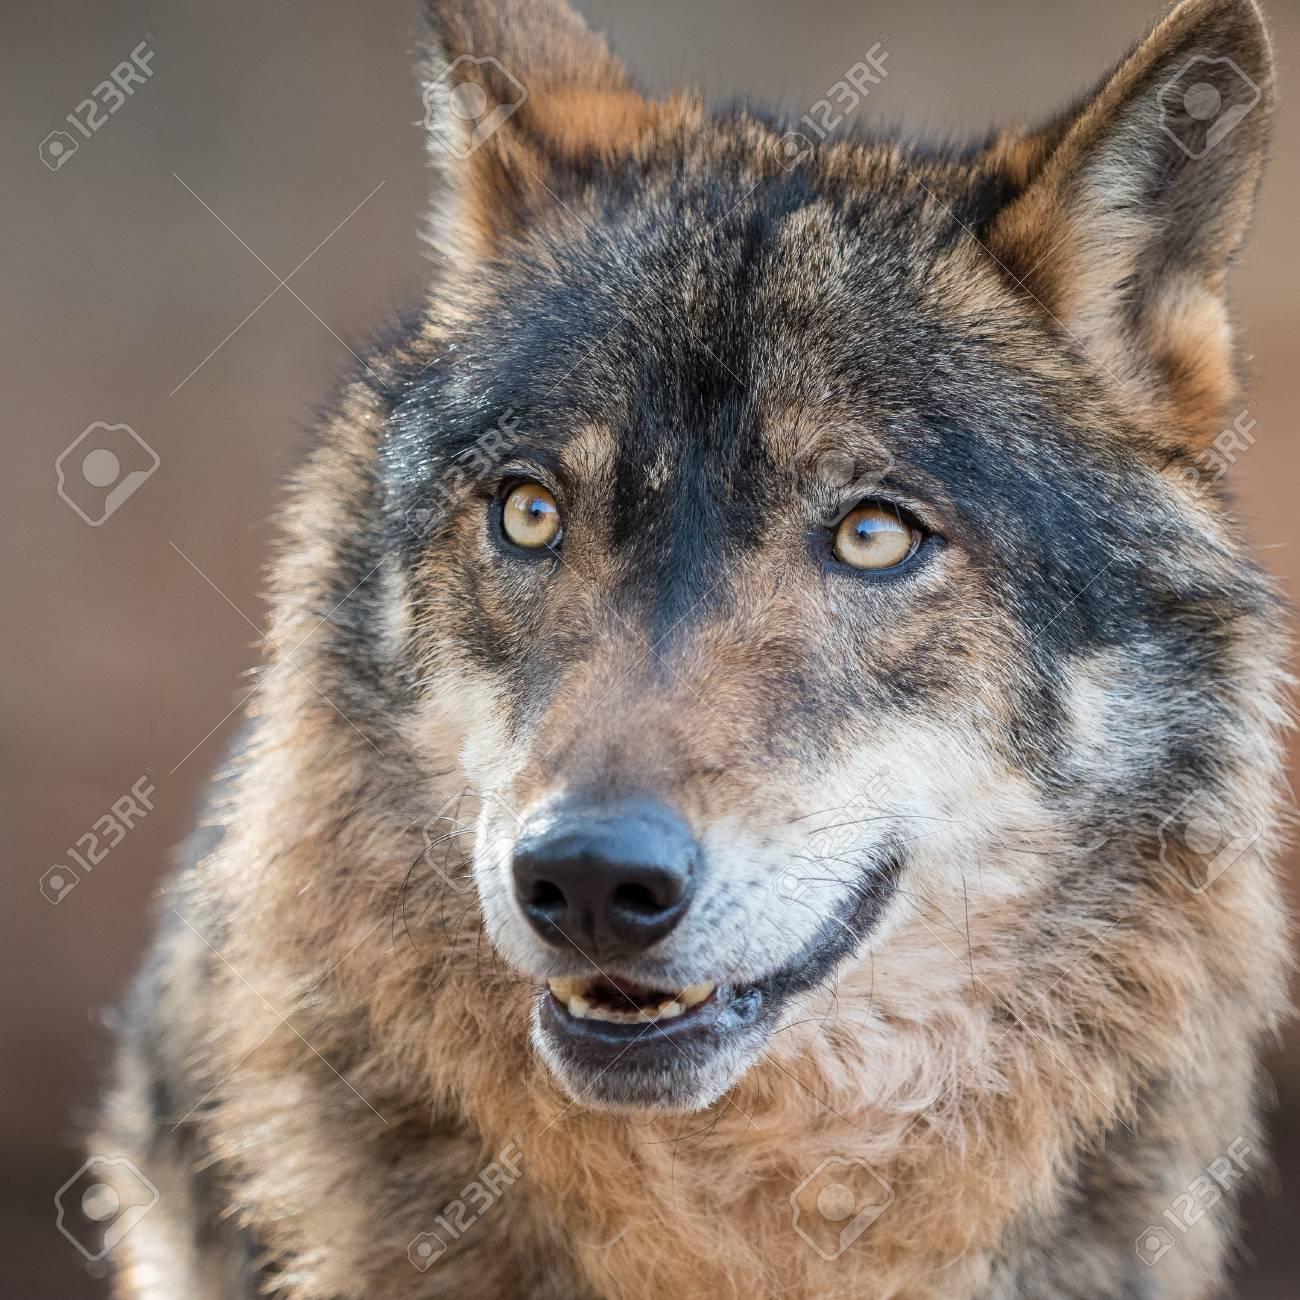 Lindo Retrato De Lobo Ibérico Con Hermosos Ojos Canis Lupus